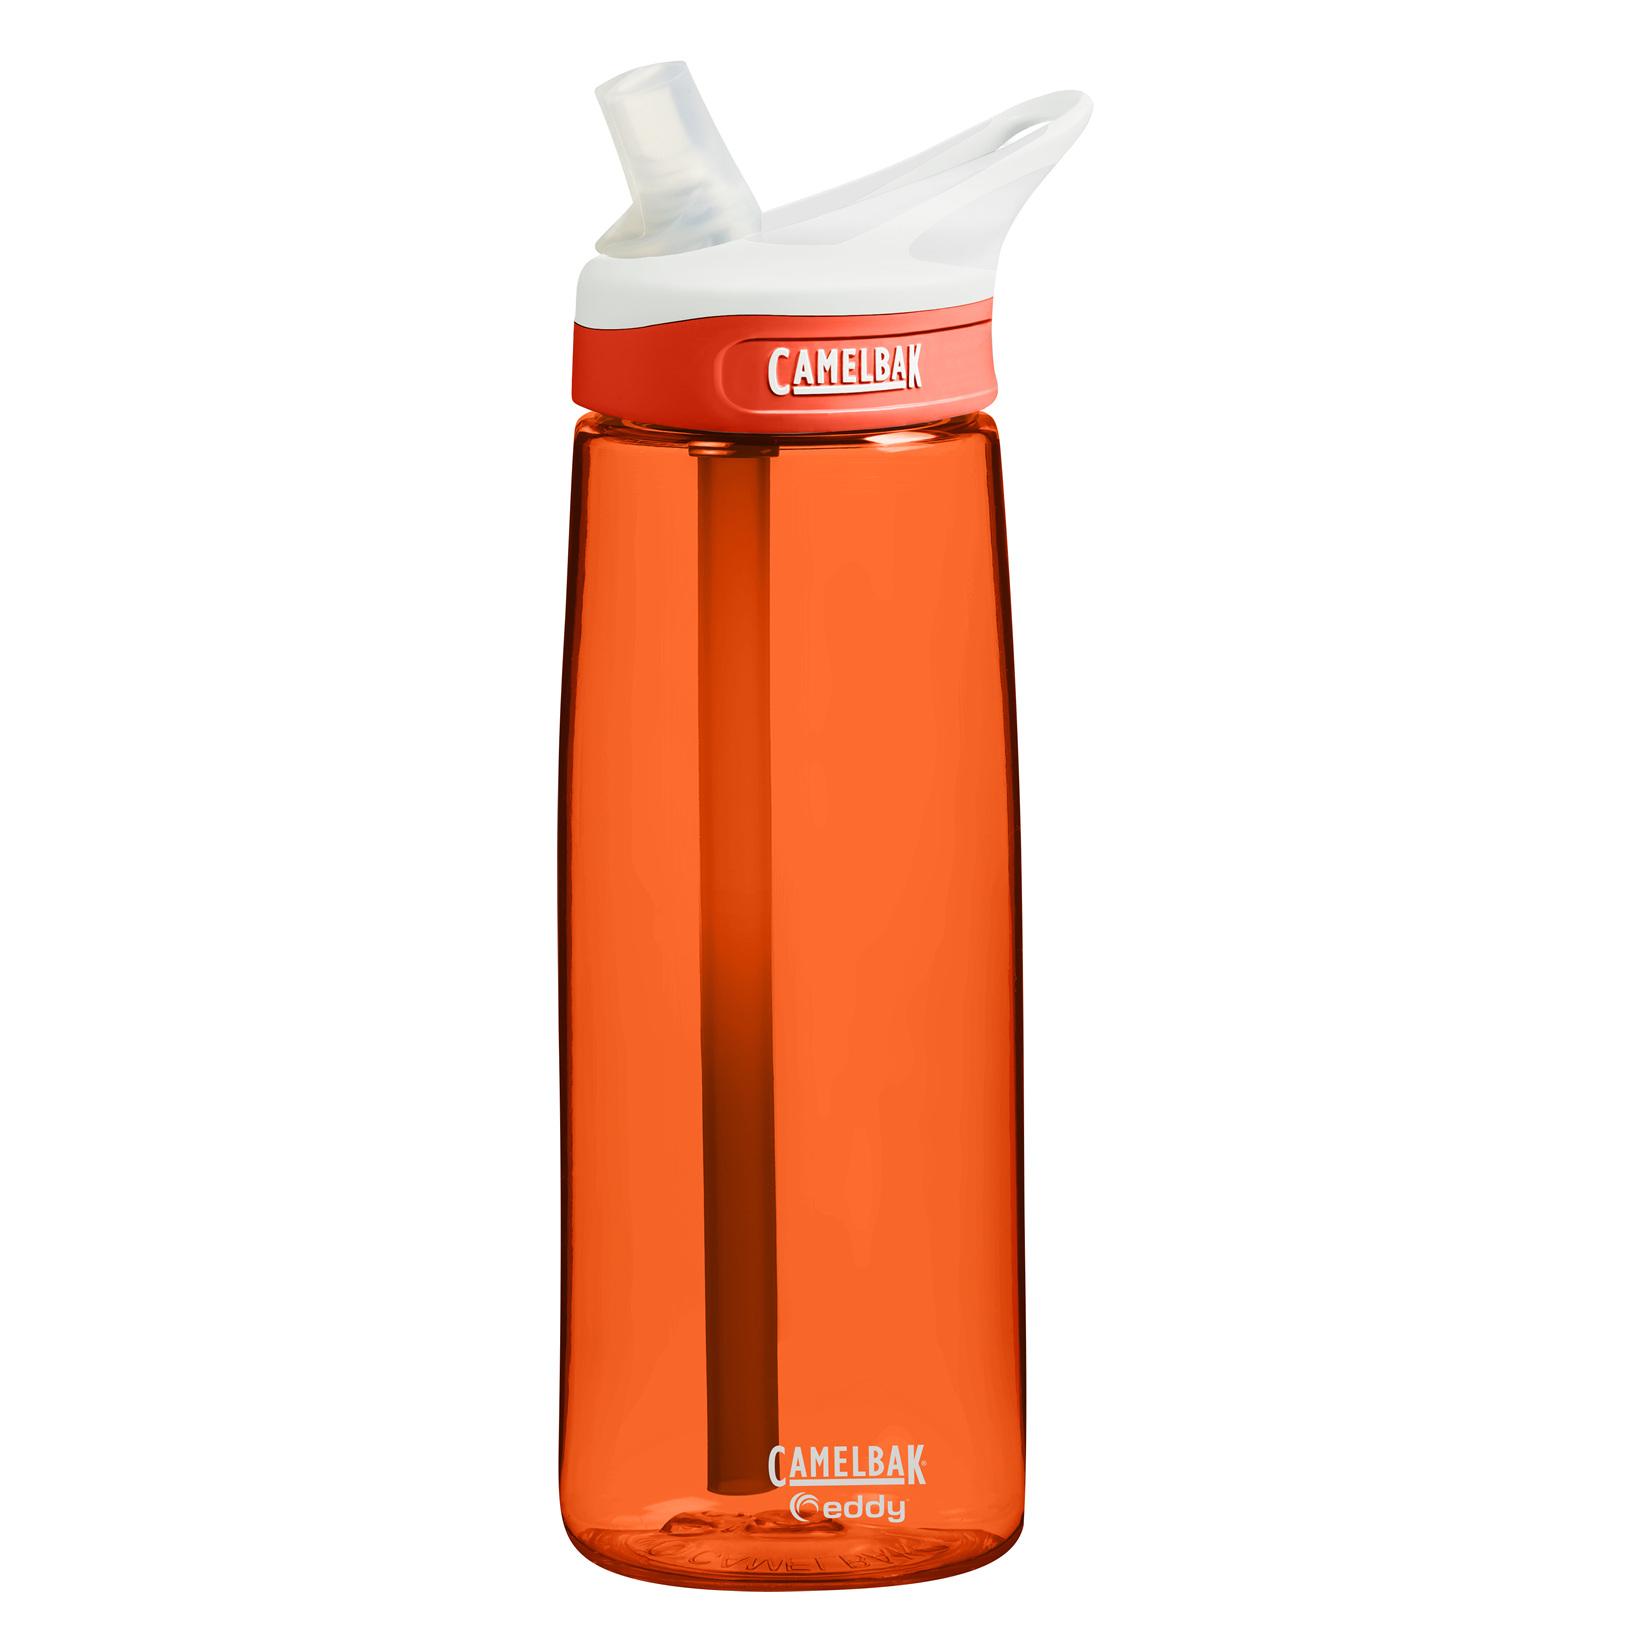 Camelbak Eddy spill proof drinking bottle 0.75L – UK ...